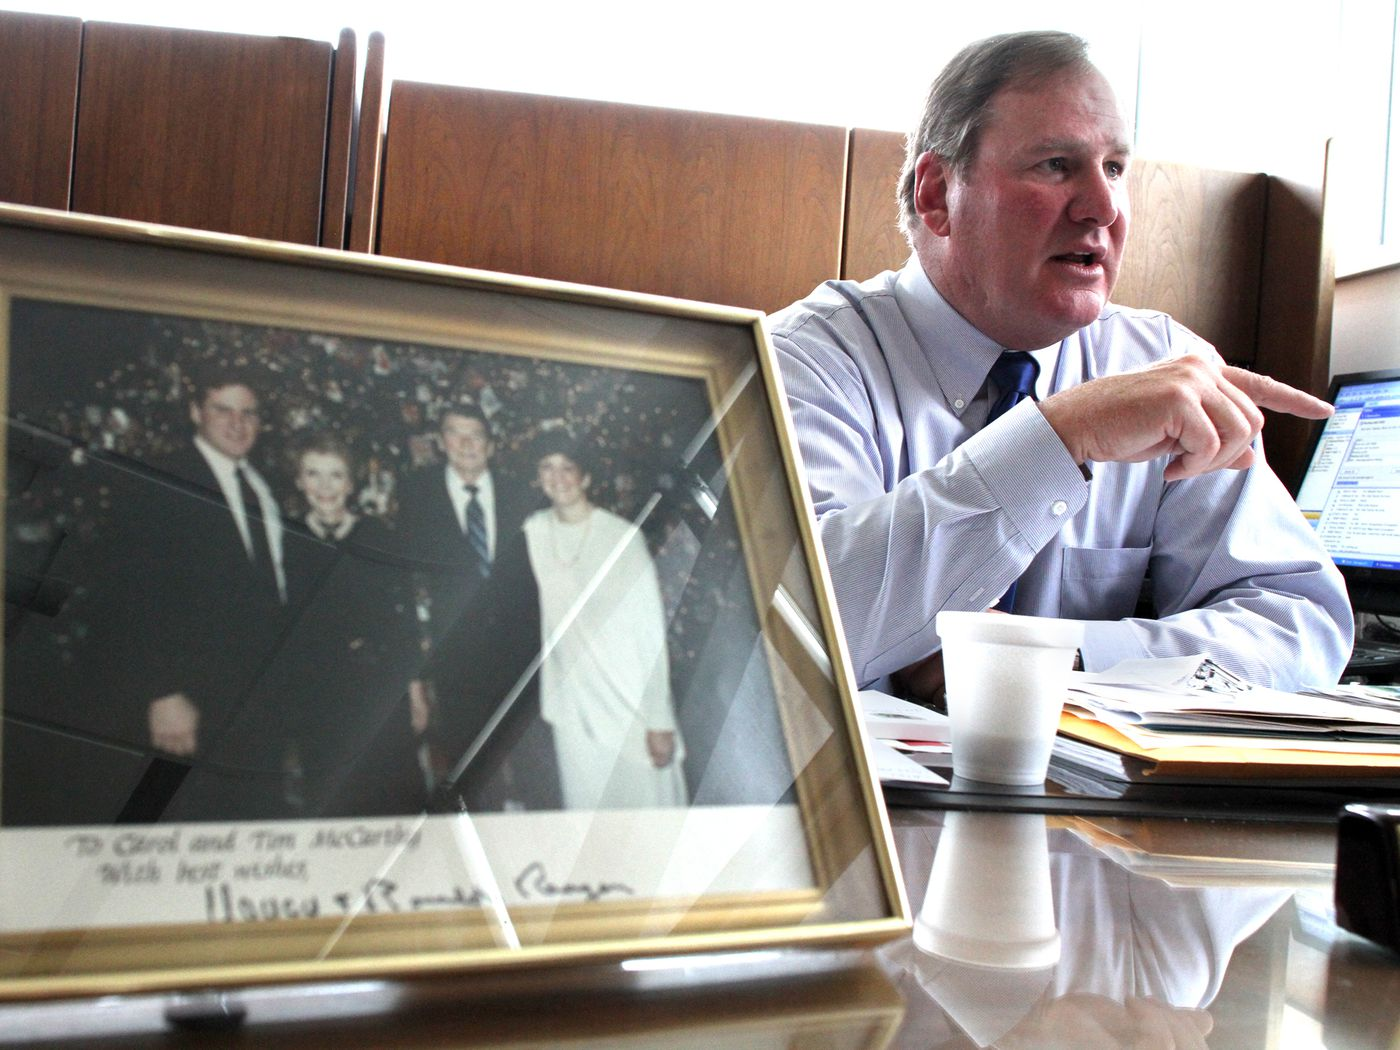 Đặc vụ từng đỡ đạn thay cựu tổng thống Mỹ lần đầu chia sẻ về rủi ro nghề nghiệp - Ảnh 1